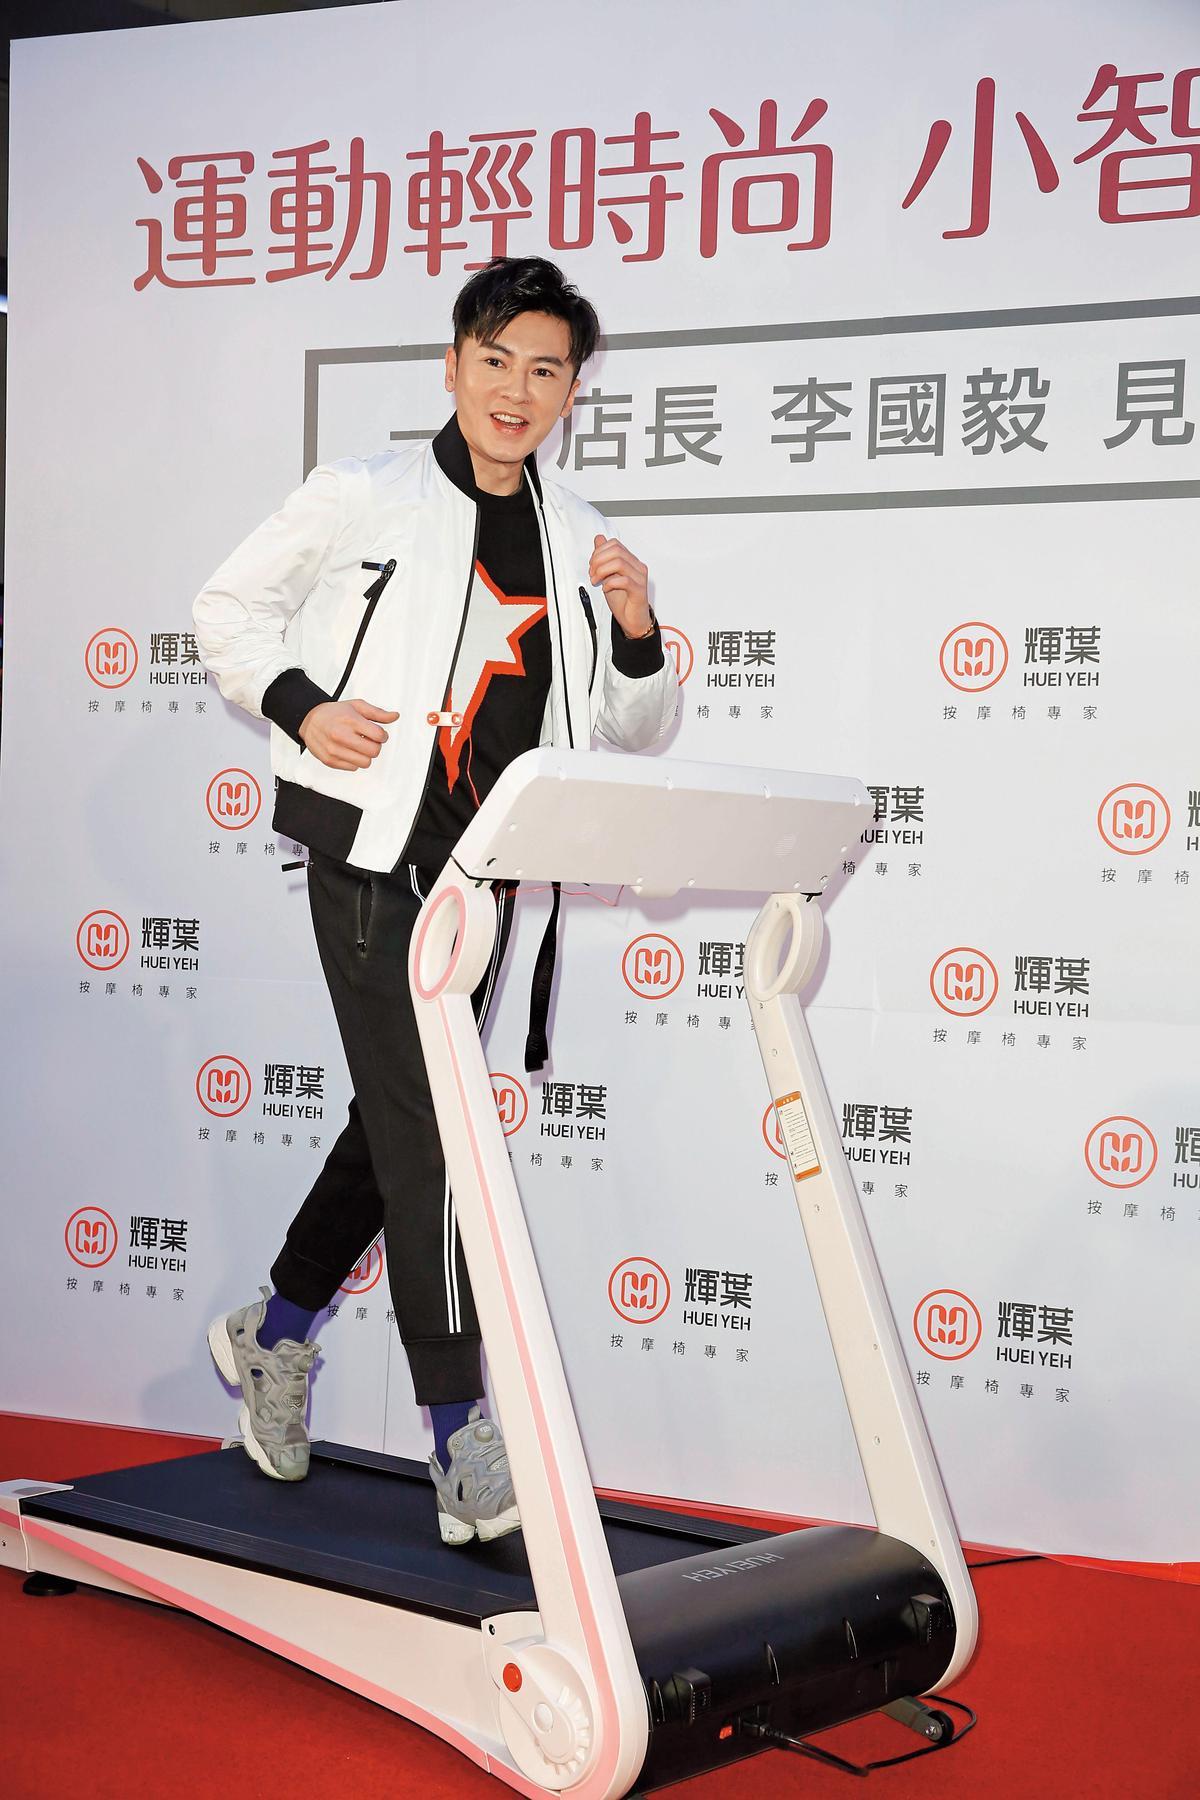 李國毅剛演完《1006的房客》即將在台視、東森播出,演的是高傲自負、從無敗績的王牌大律師。